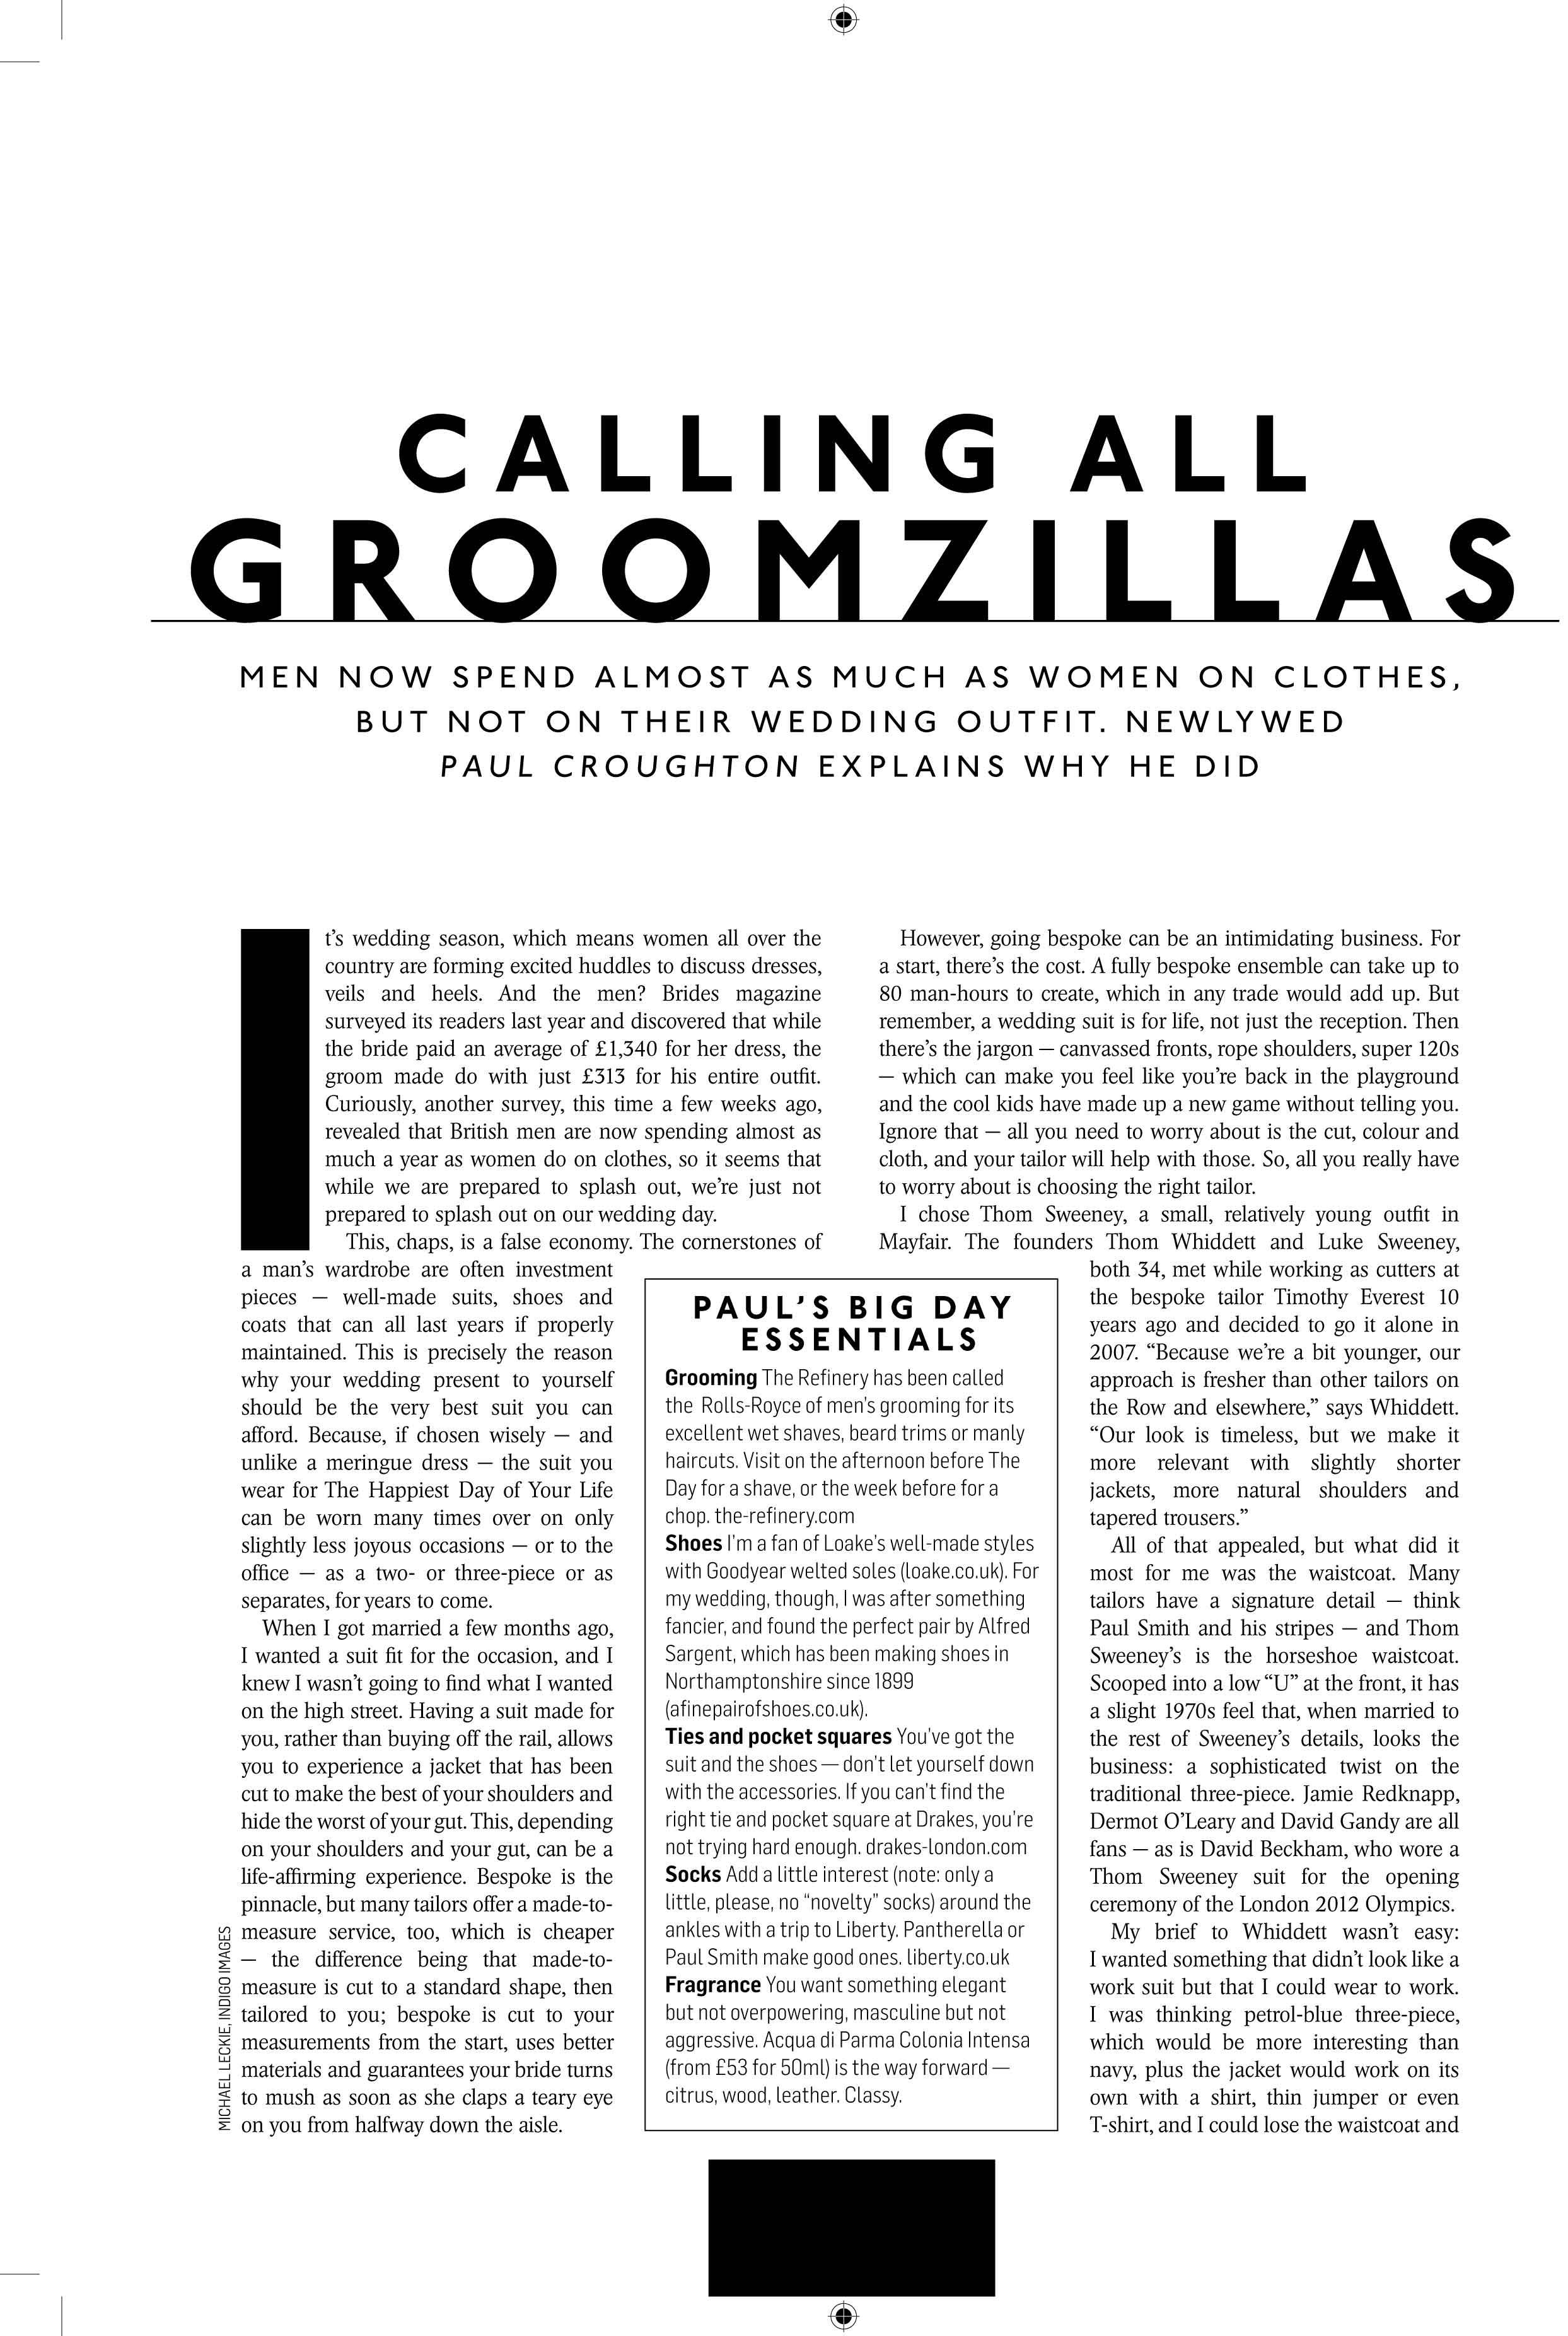 groomzilla-1